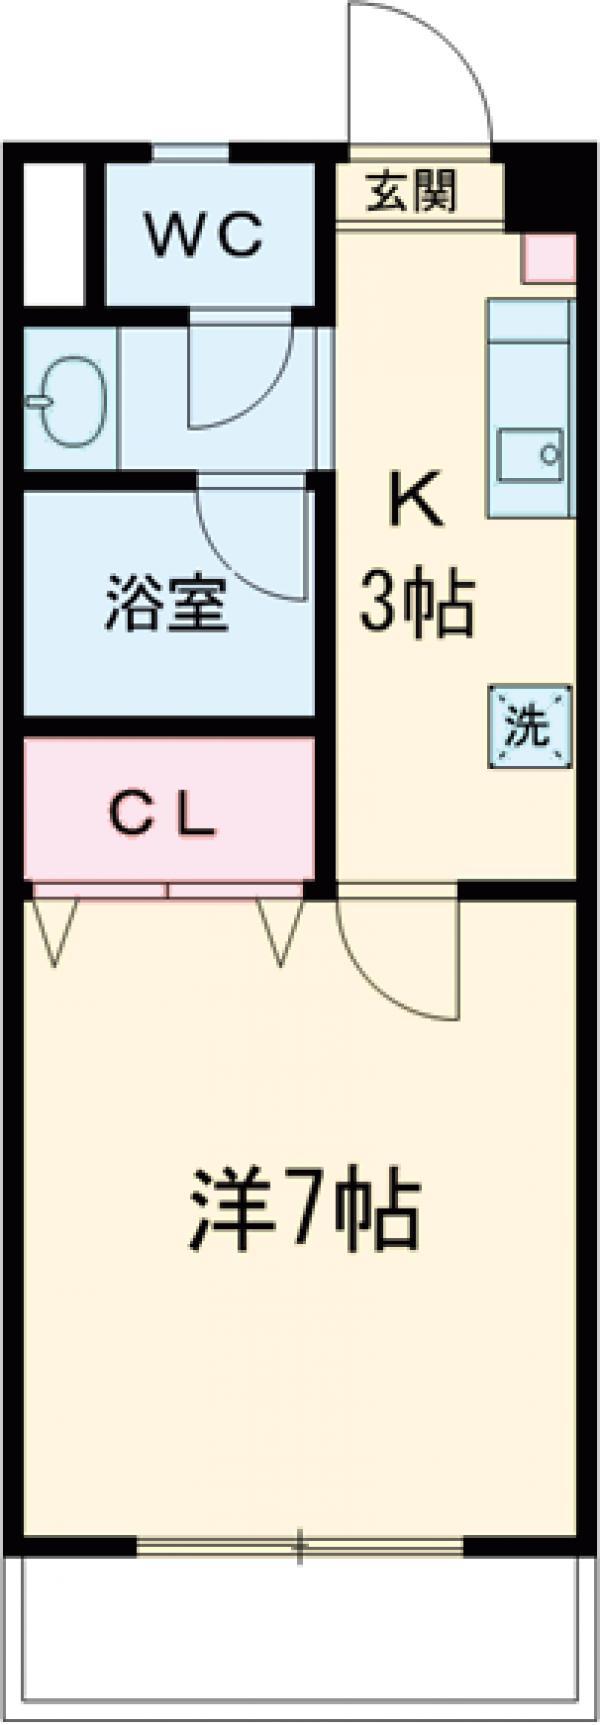 丹木田口ビル・105号室の間取り